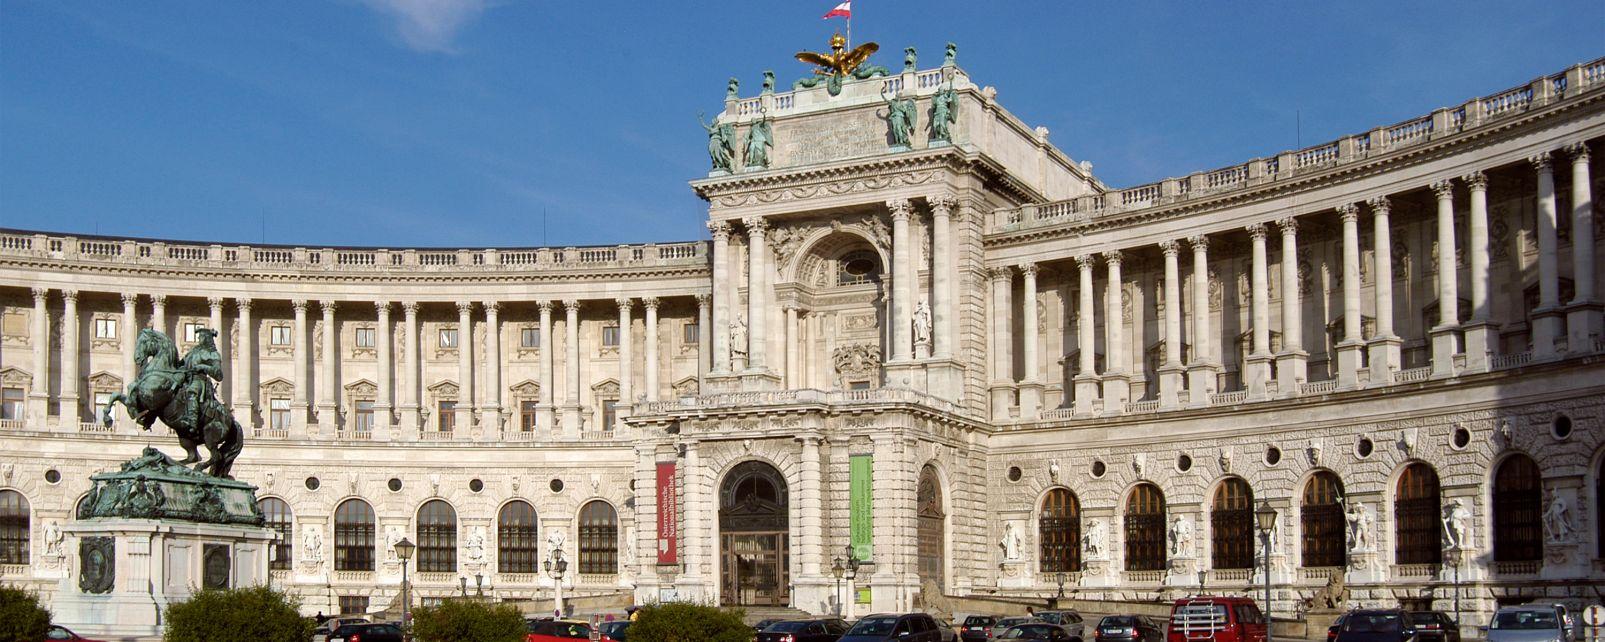 Der Kaiserpalast, Die Schlösser, Wien, Österreich